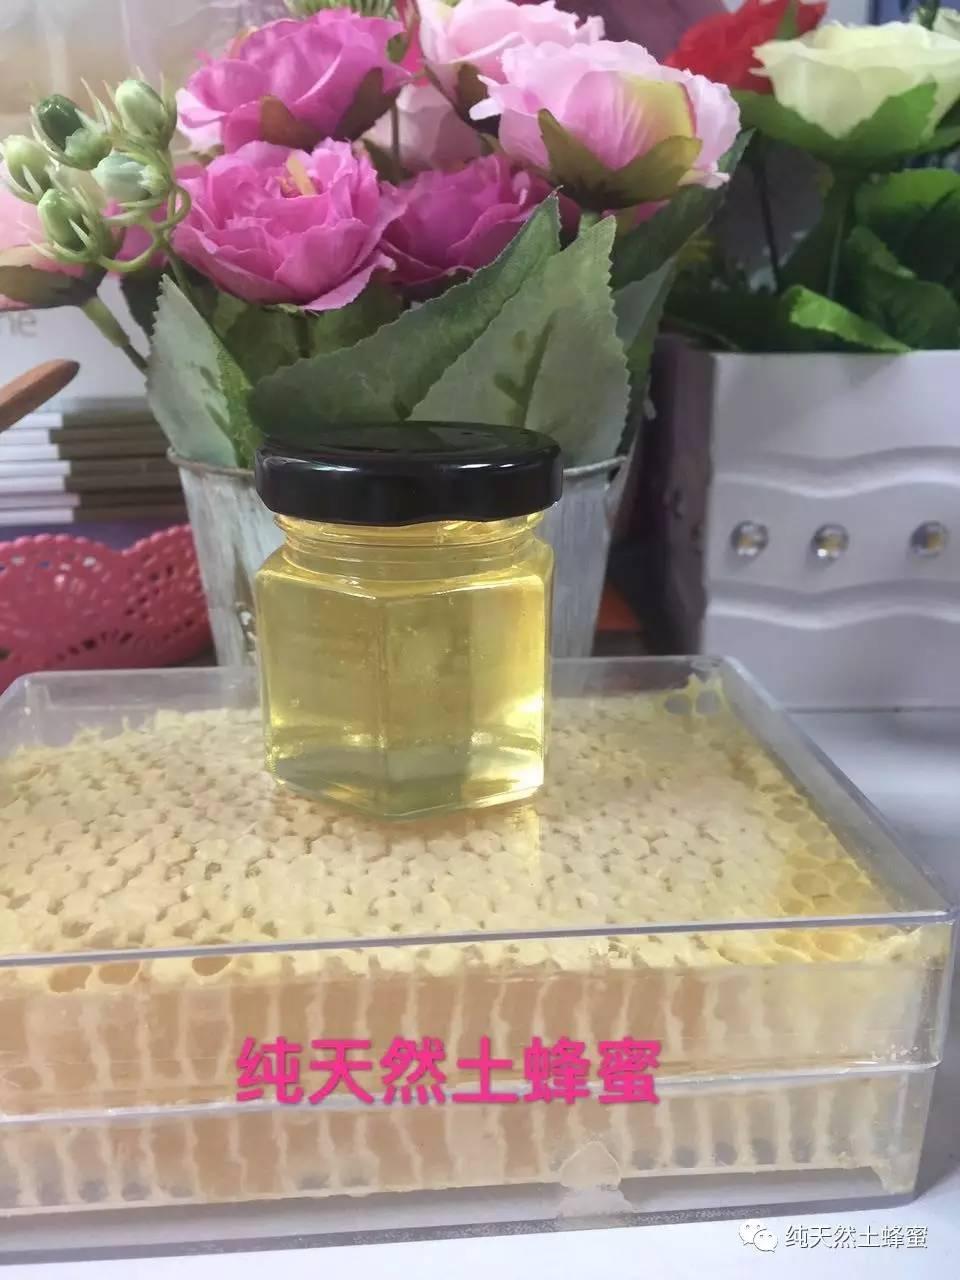 吃蜂蜜 哪个牌子蜂蜜最好 蜂蜜的副作用 自制蜂蜜美白祛斑面膜 哪种蜂蜜比较好